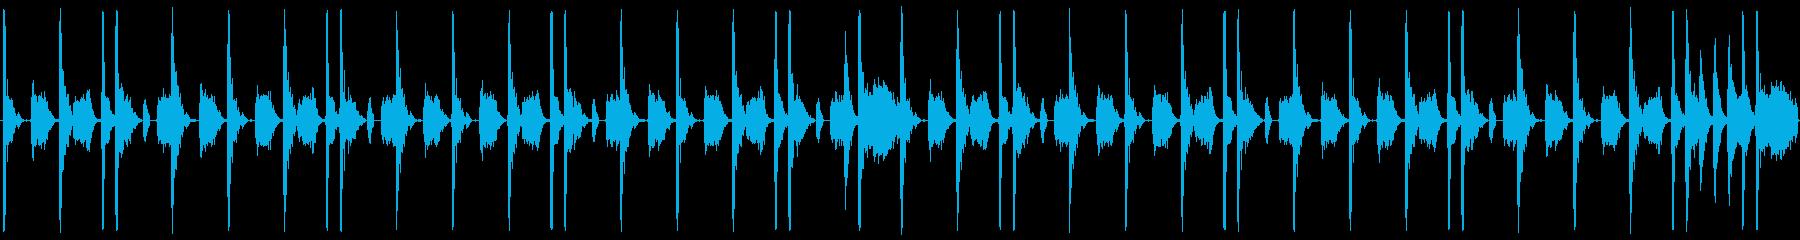 シンプルエレクトロ、紹介・宣伝動画にの再生済みの波形